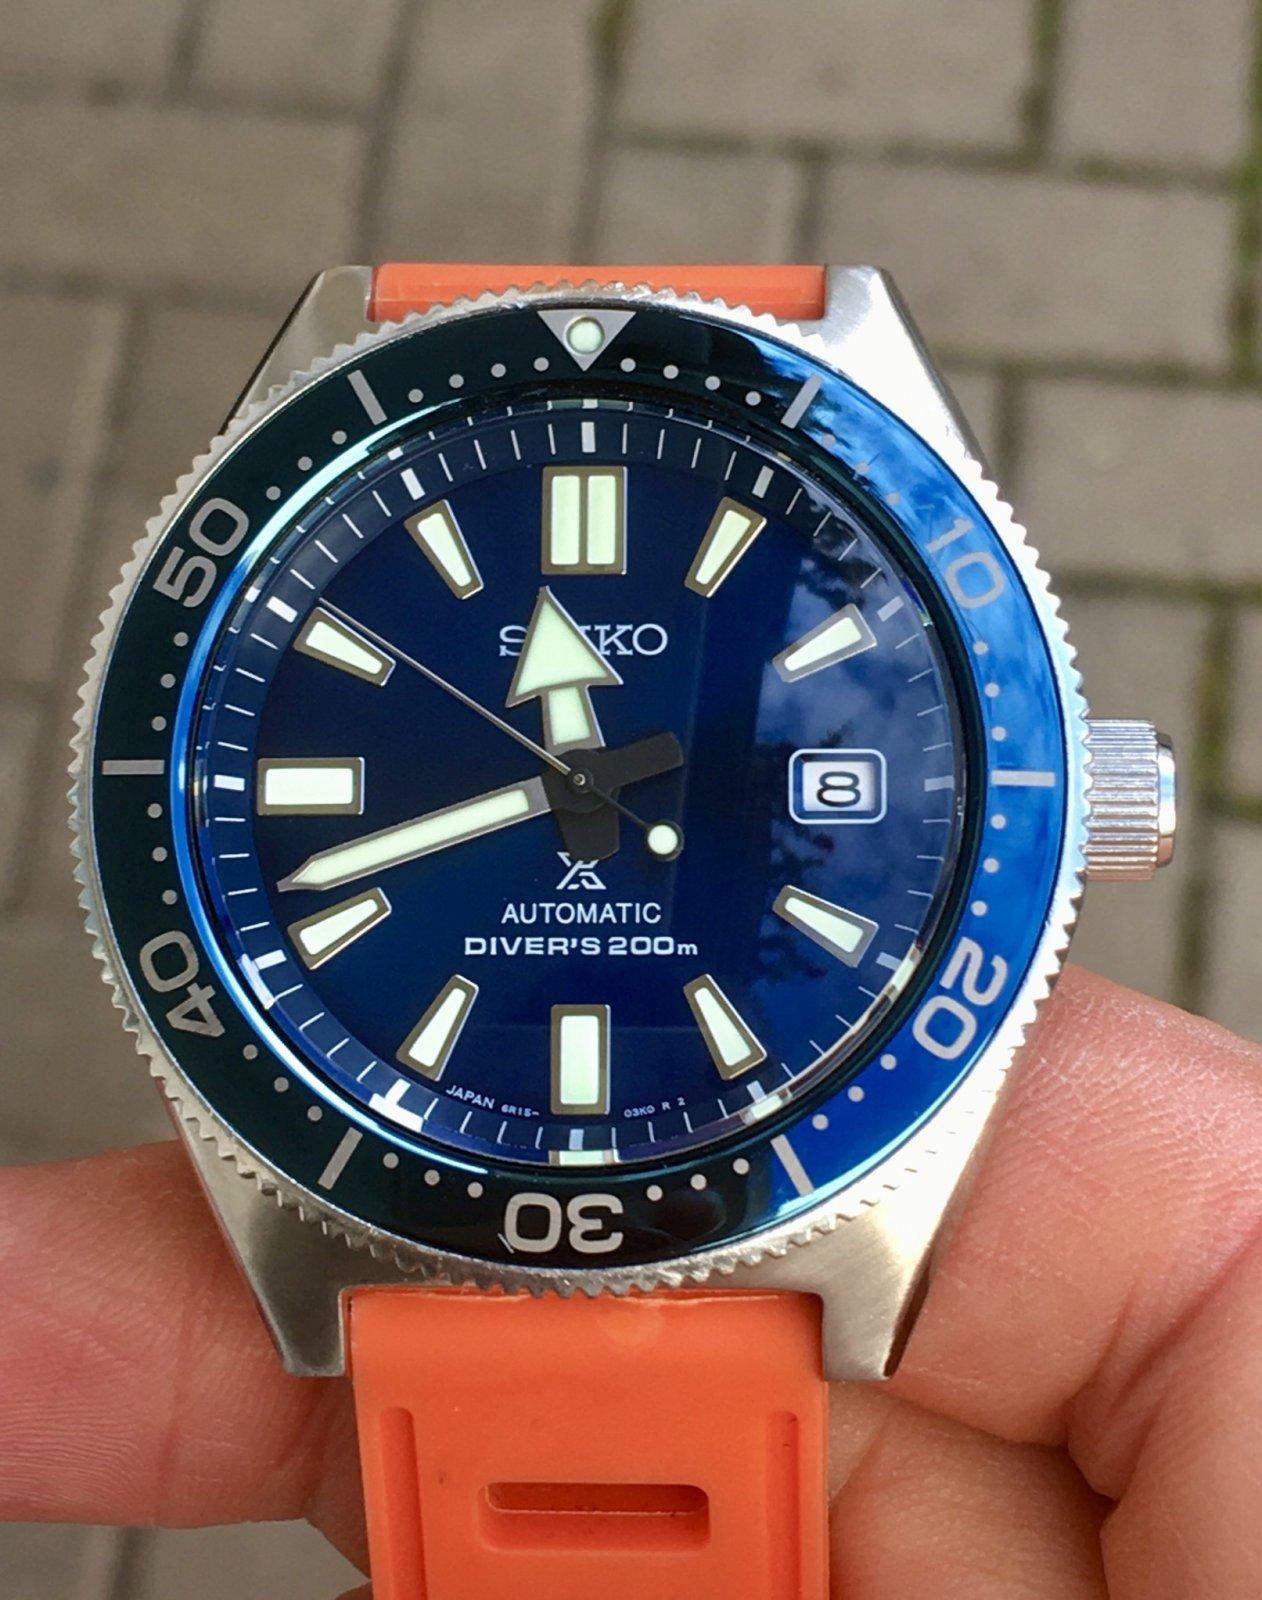 D19F4171-DAFB-4965-A626-FF32AD422749.jpeg